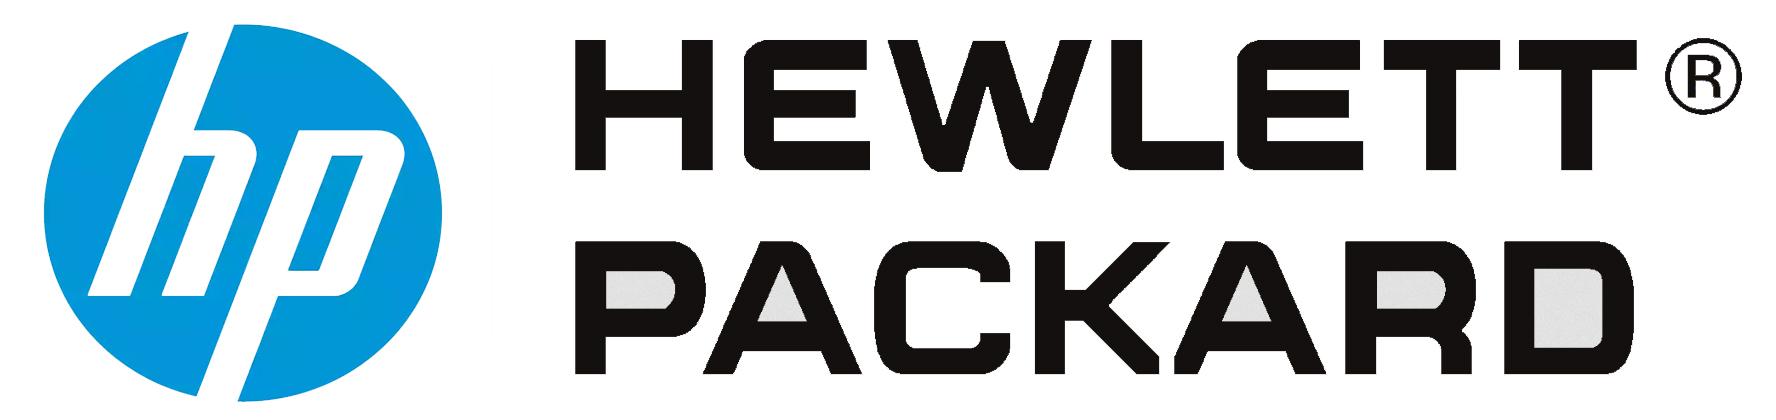 hewlett packard.jpeg